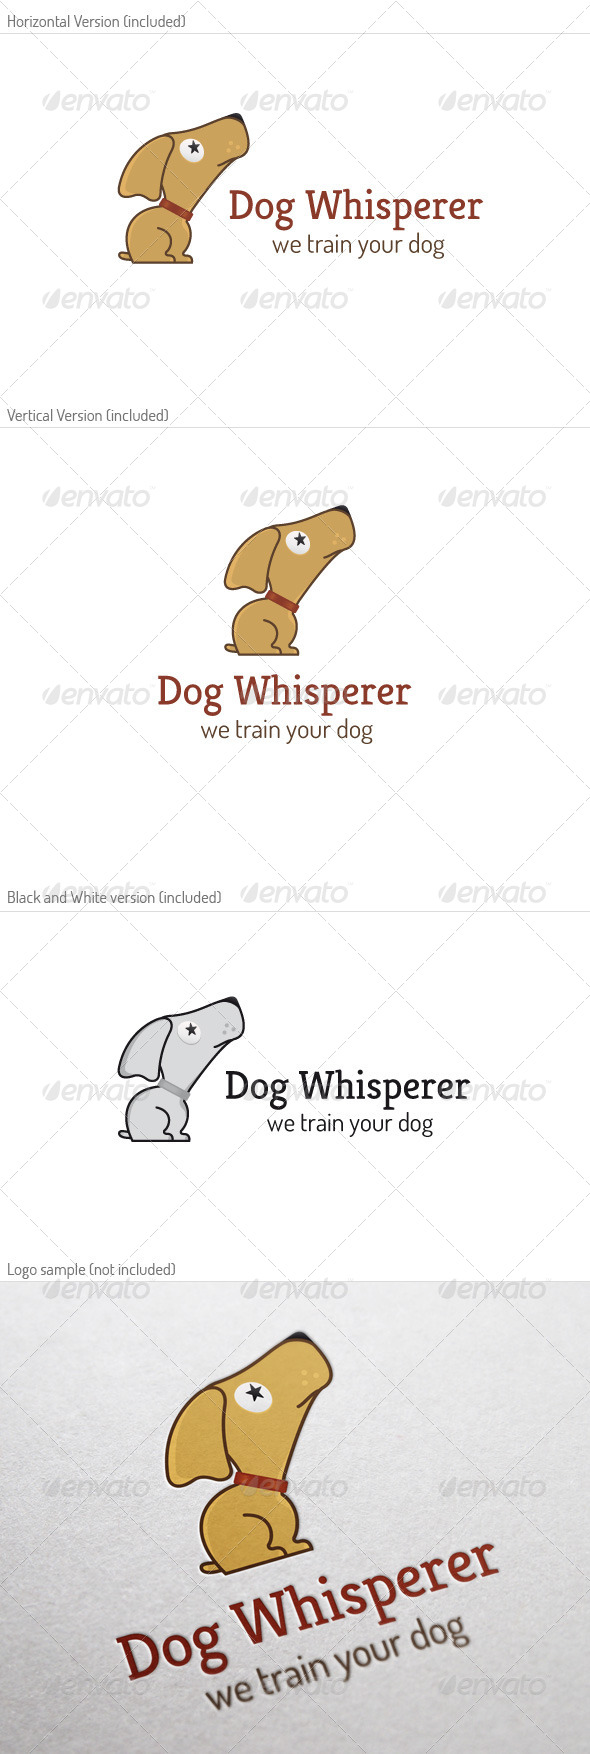 GraphicRiver Dog Whisperer Logo 5249675